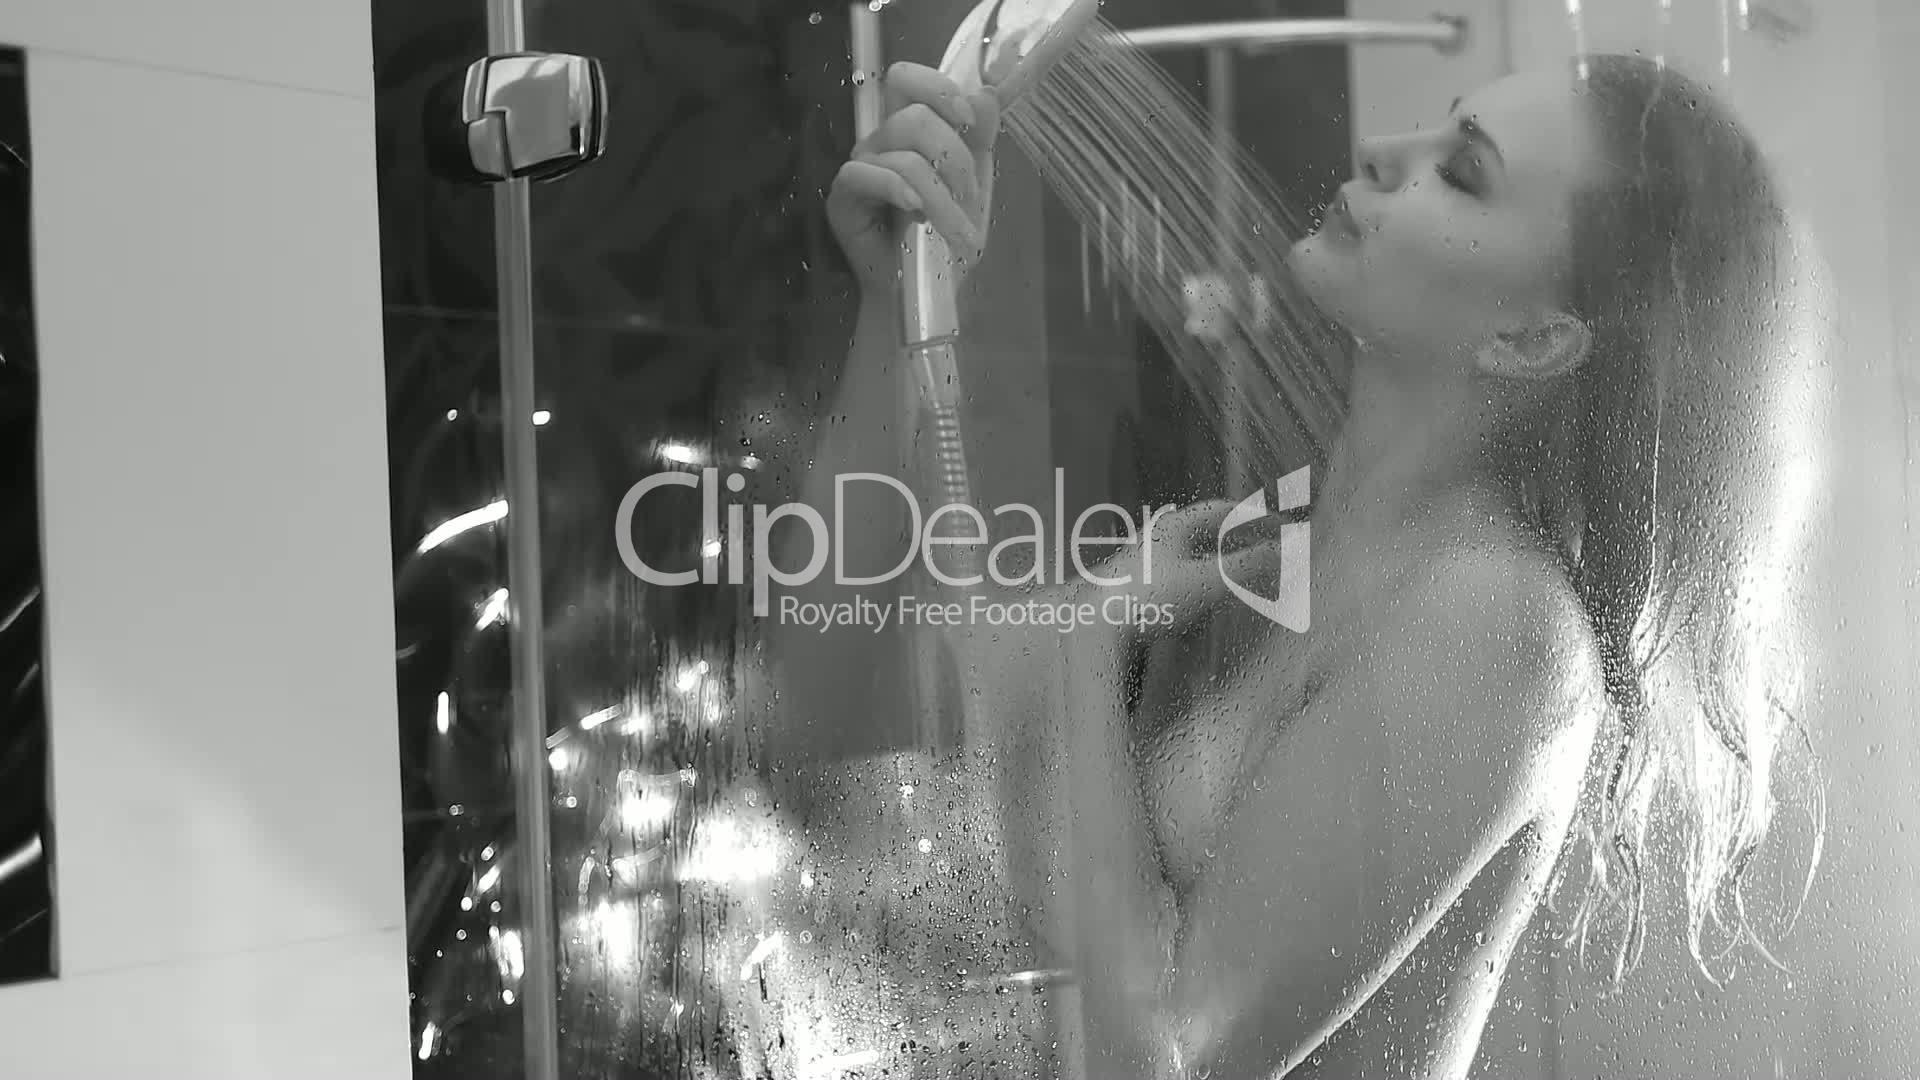 sexy shower clipswww.free black ebony porn.com